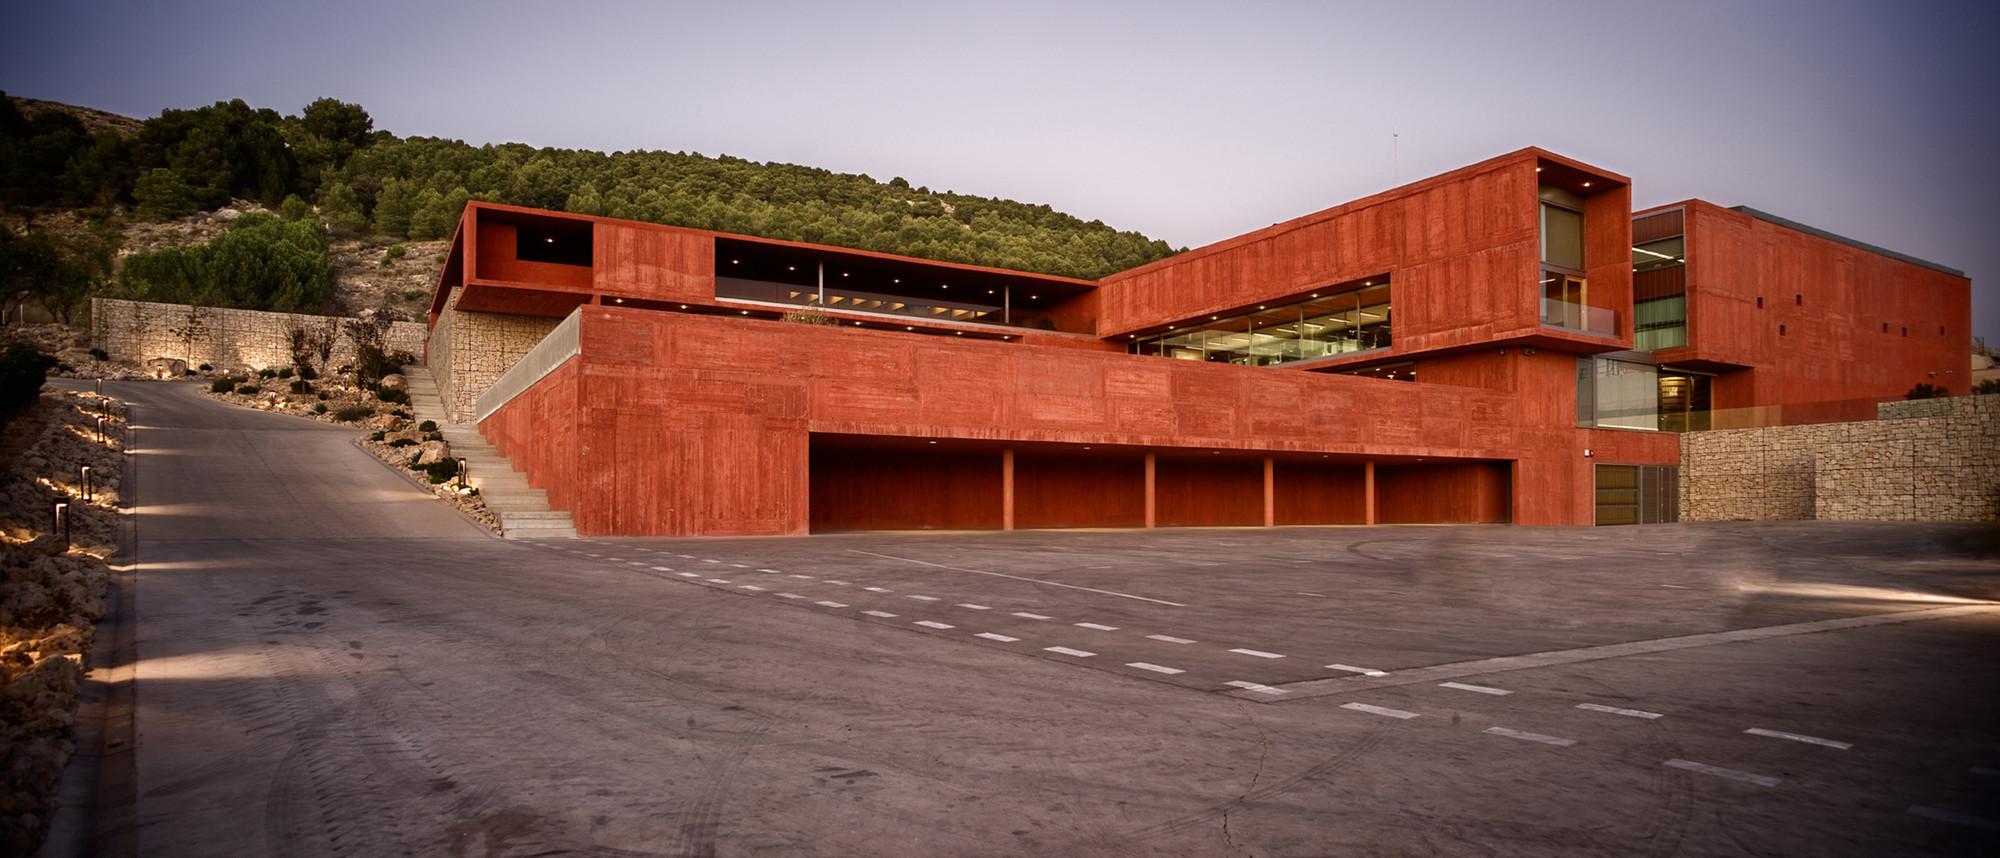 Pago de Carraovejas Winery / Estudio Amas4arquitectura , © José María Díez Laplaza